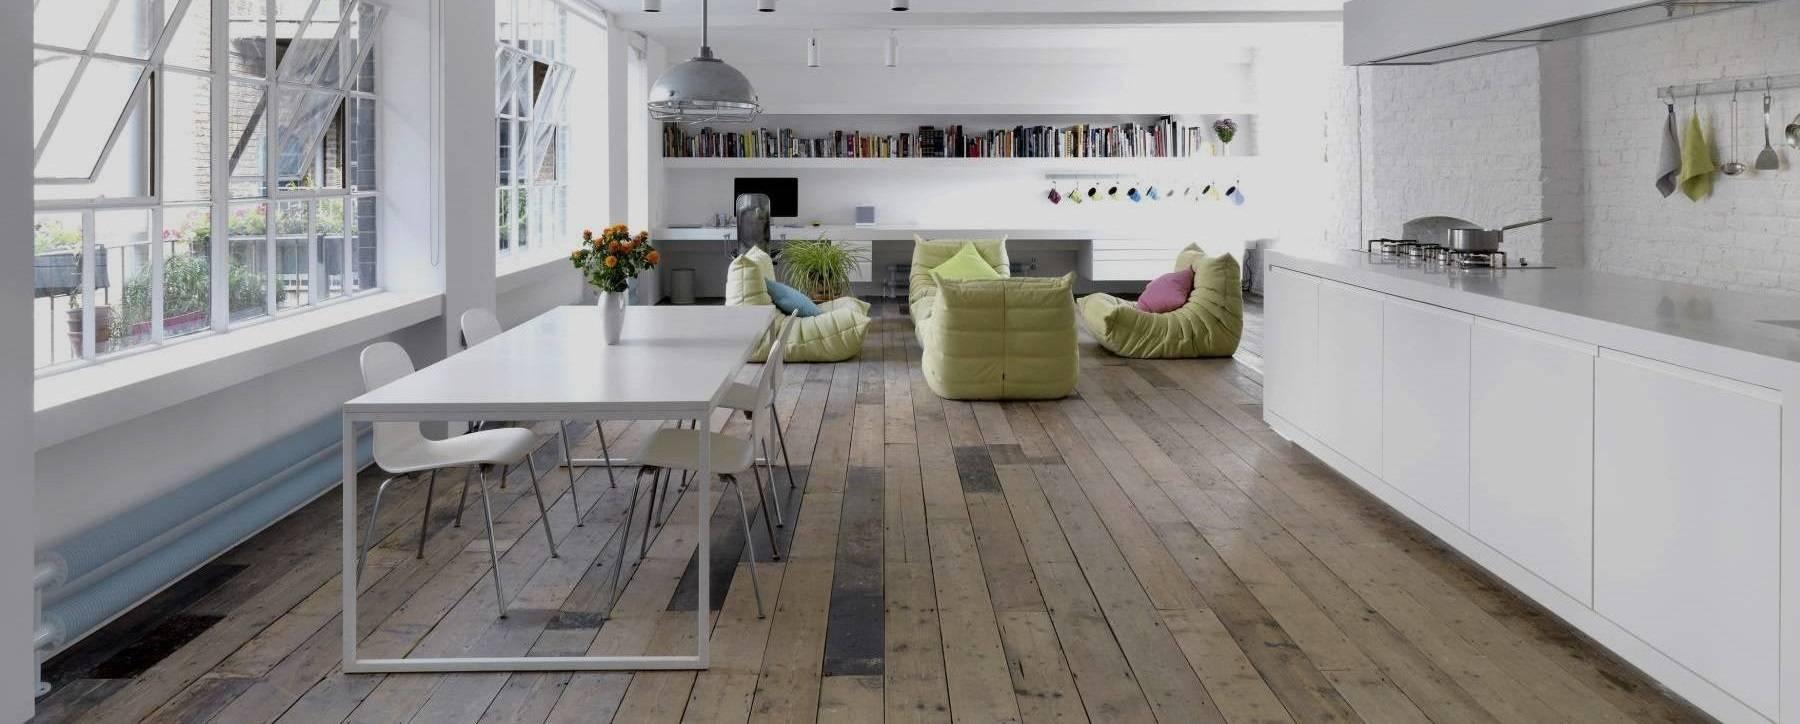 exemple de devis de cr ation d 39 une fen tre. Black Bedroom Furniture Sets. Home Design Ideas